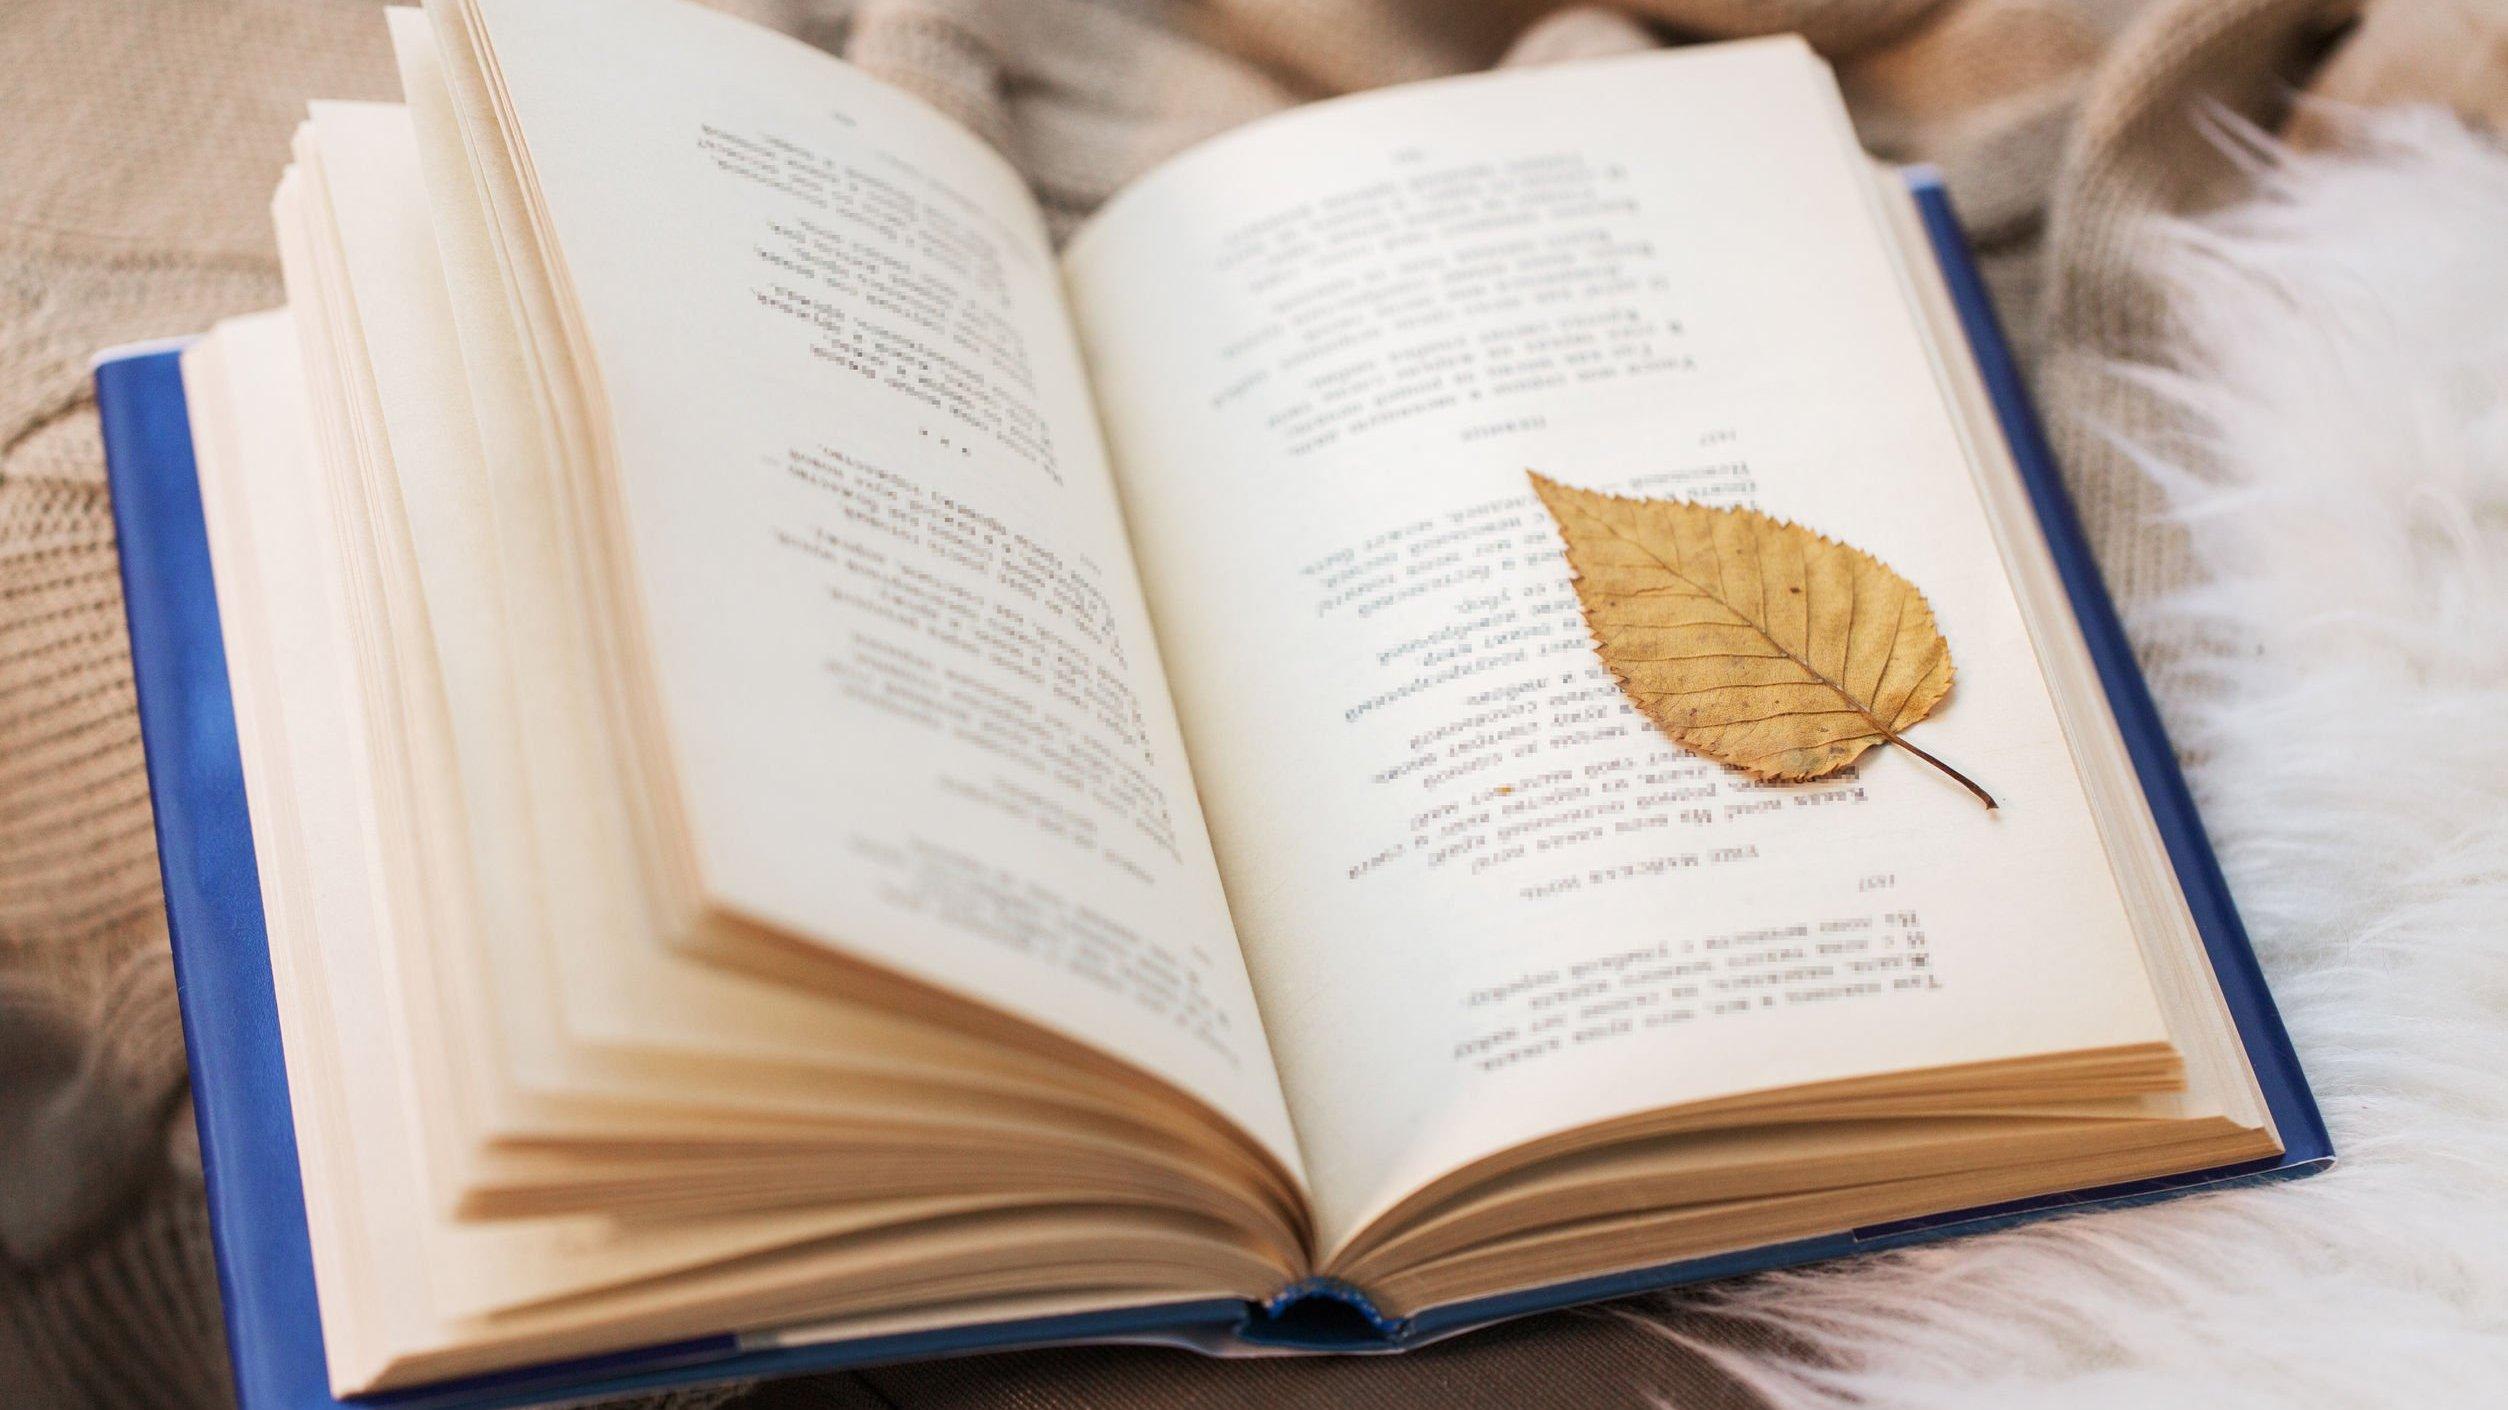 Livro aberto de poesias com uma folha de árvore